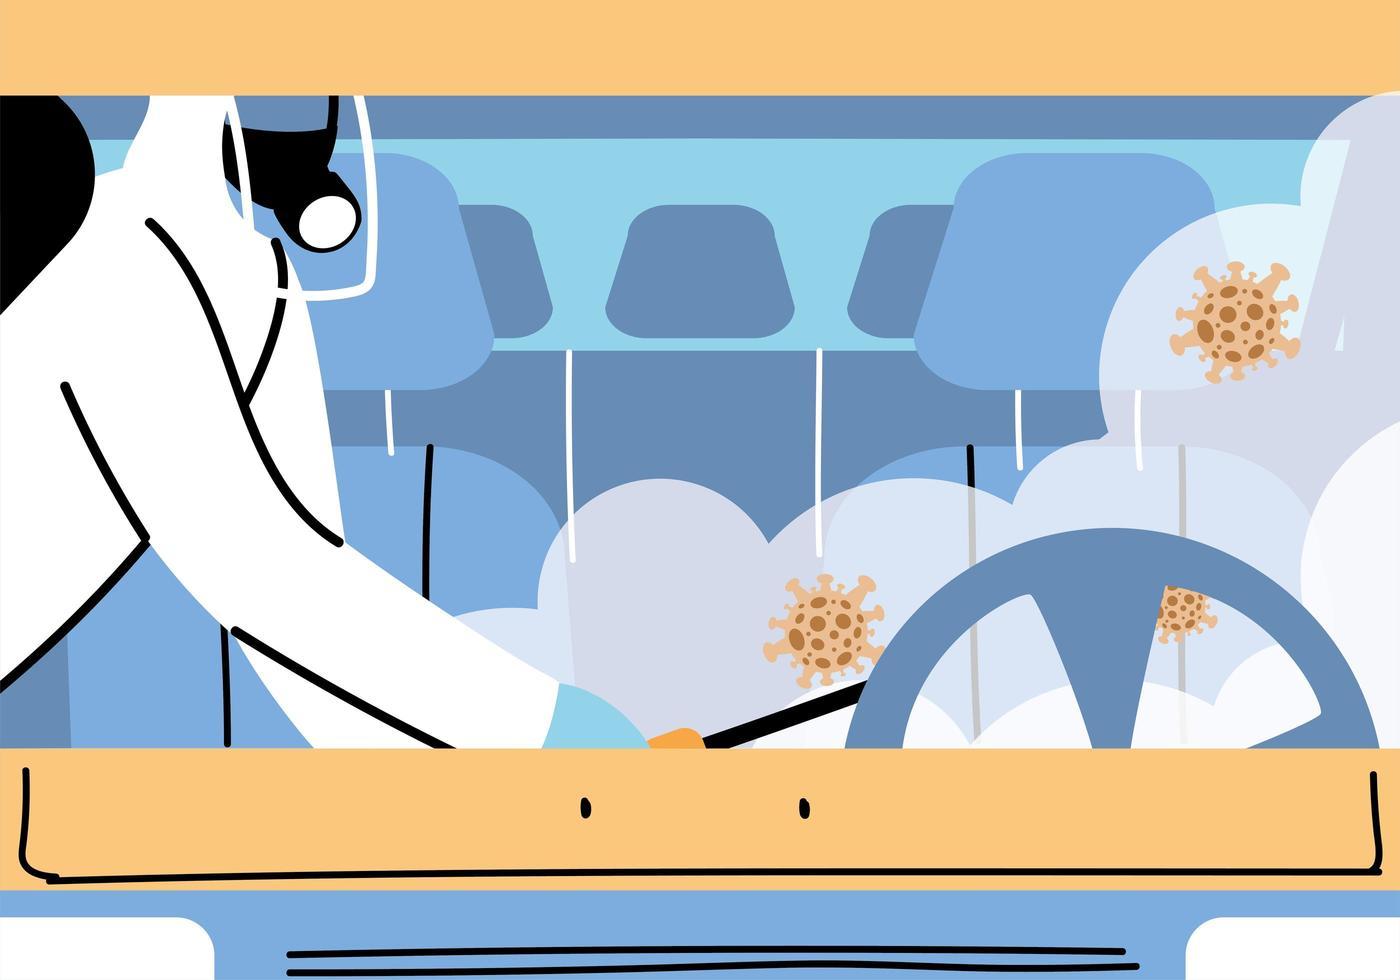 désinfection des véhicules de service du coronavirus ou du covid 19 vecteur